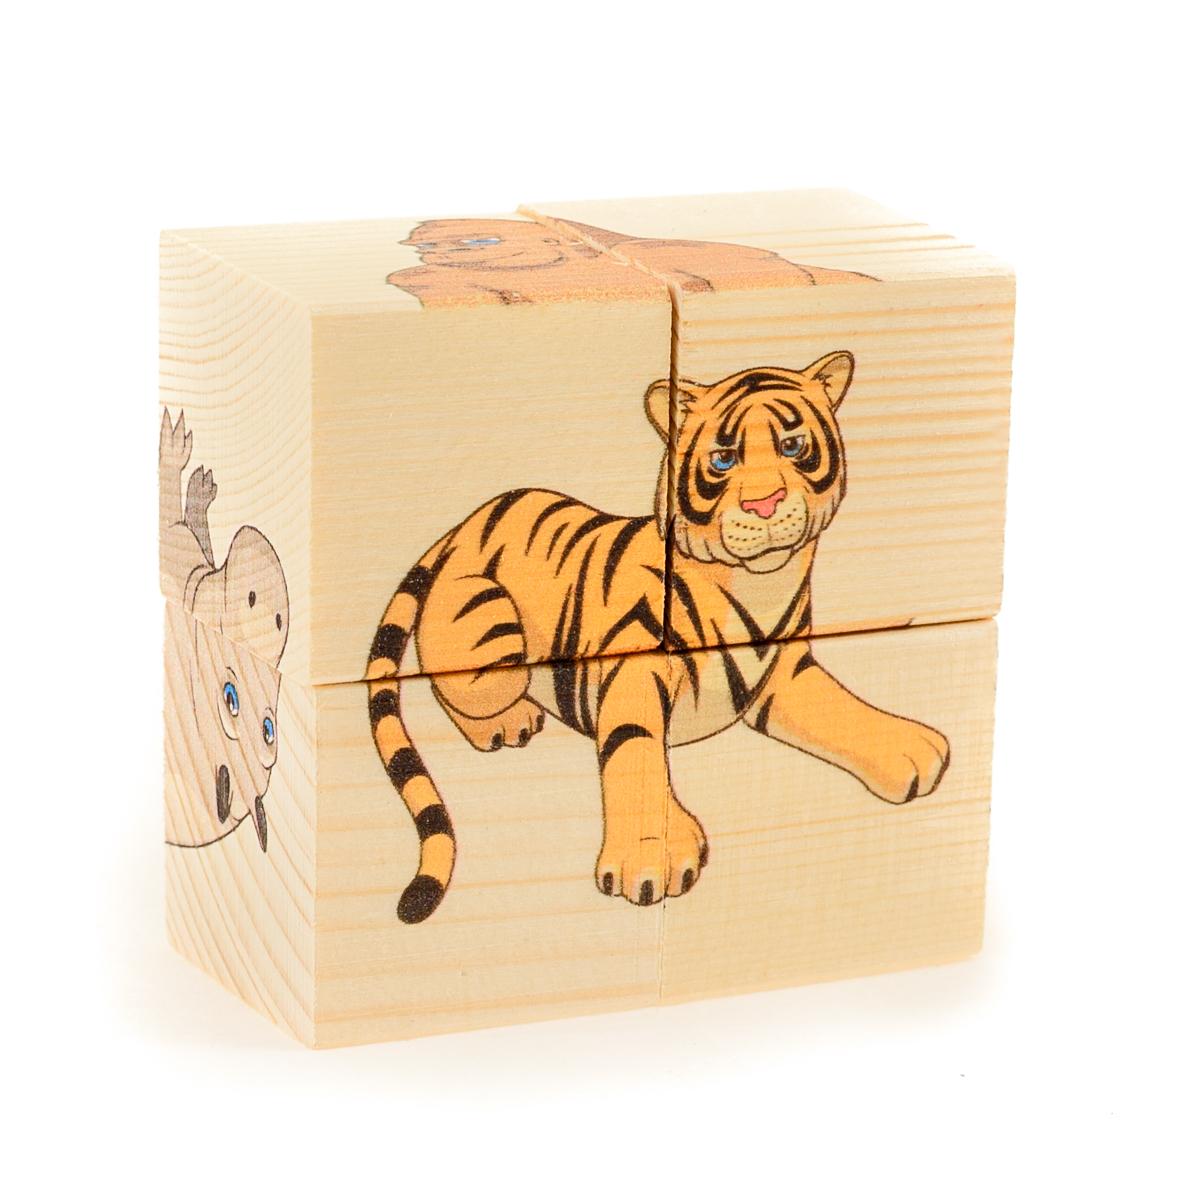 Развивающие деревянные игрушки Кубики Дикие животныеД485аКубики из натурального дерева - любимая игрушка каждого ребенка. Кубики обожают дети. Игру с кубиками в детстве с удовольствием и теплом вспоминают взрослые. Для кубиков серии Развивающие деревянные игрушки используется только натуральное отечественное дерево мягких пород с минимальной обработкой, что позволило максимально сохранить ощущение фактуры дерева и его аромата. Яркие, контрастные и понятные ребенку иллюстрации нанесены экологичными красками. Кубики из дерева - не только прекрасный строительный материал для вполощения детских фантазий, но и удобное пособие для развития зрительной памяти, логики и мелкой моторики у детей. Объясните ребенку, что на каждой грани кубика нанесена часть картинки, а если 4 картинки собрать вместе, получится изображение. Покажите ему пример. С помощью набора Собери рисунок. Кубики-пазл. ДИКИЕ ЖИВОТНЫЕ можно собрать 6 разных изображений диких животных. ВНИМАНИЕ! Детали игрушки выполнены из натурального дерева (деревоматериала) без покрытия...